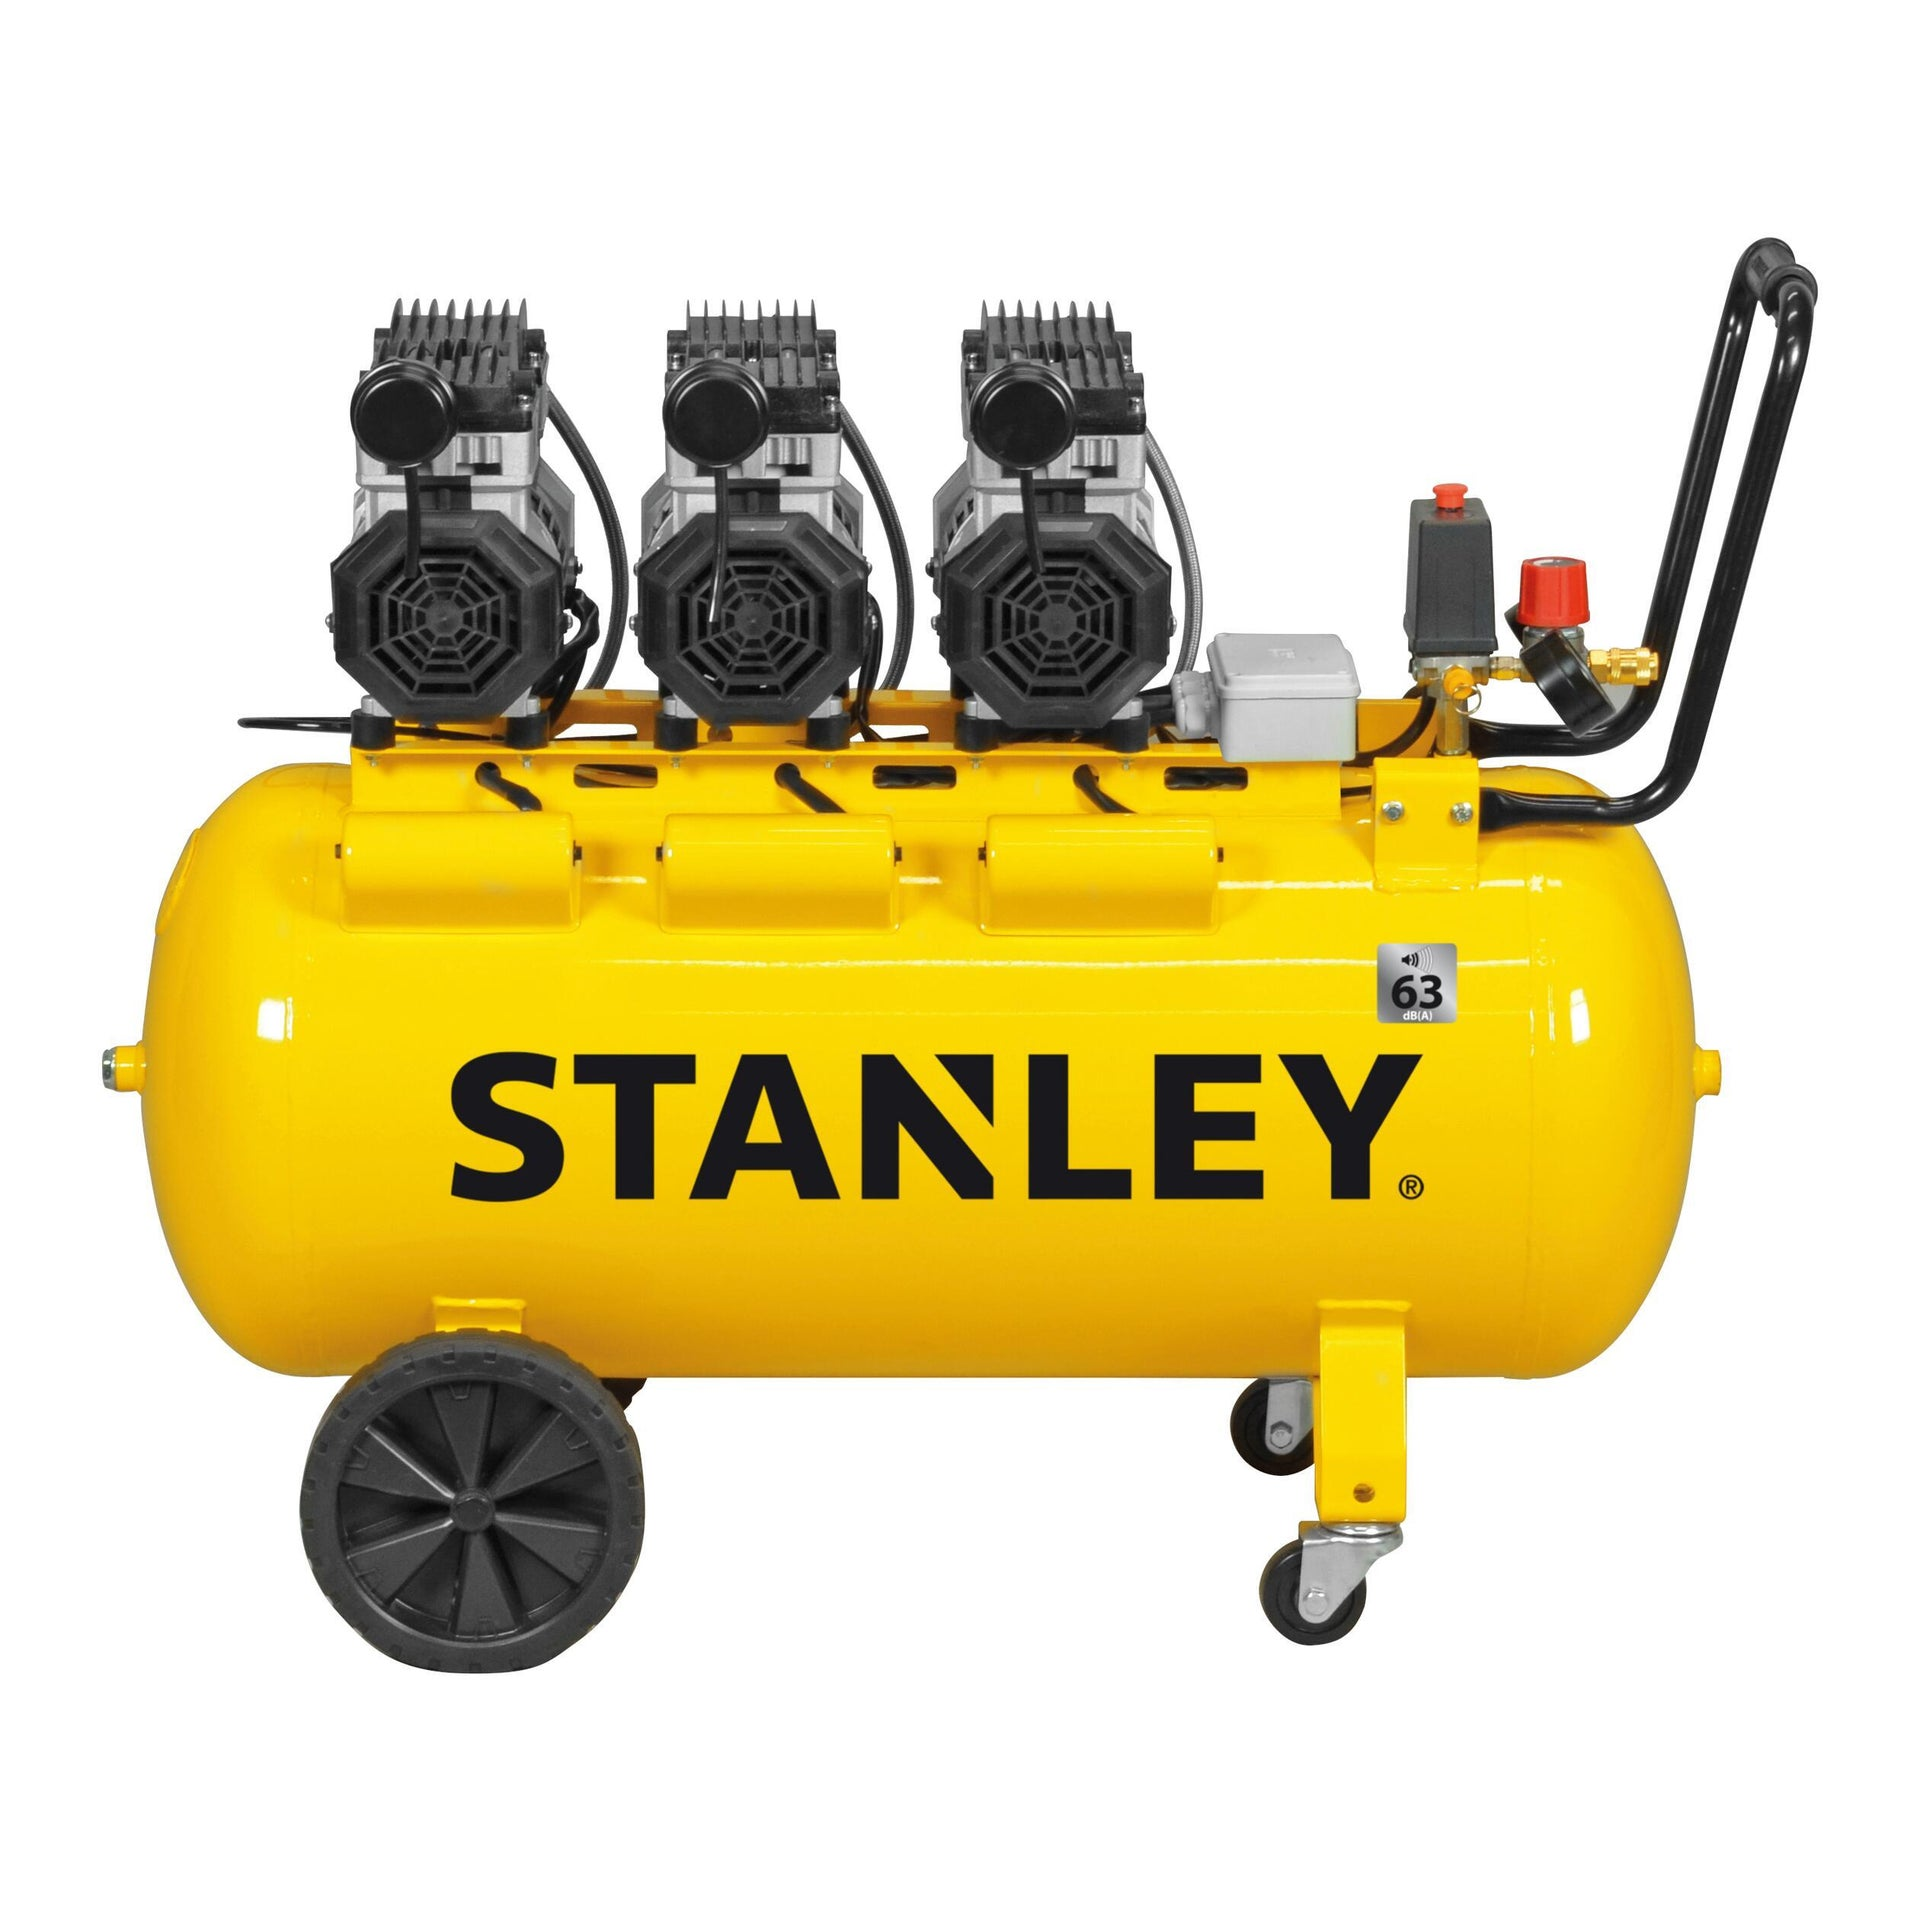 Compressore silenziato STANLEY SXCMS30103E, 3 hp, 8 bar, 100 L - 3